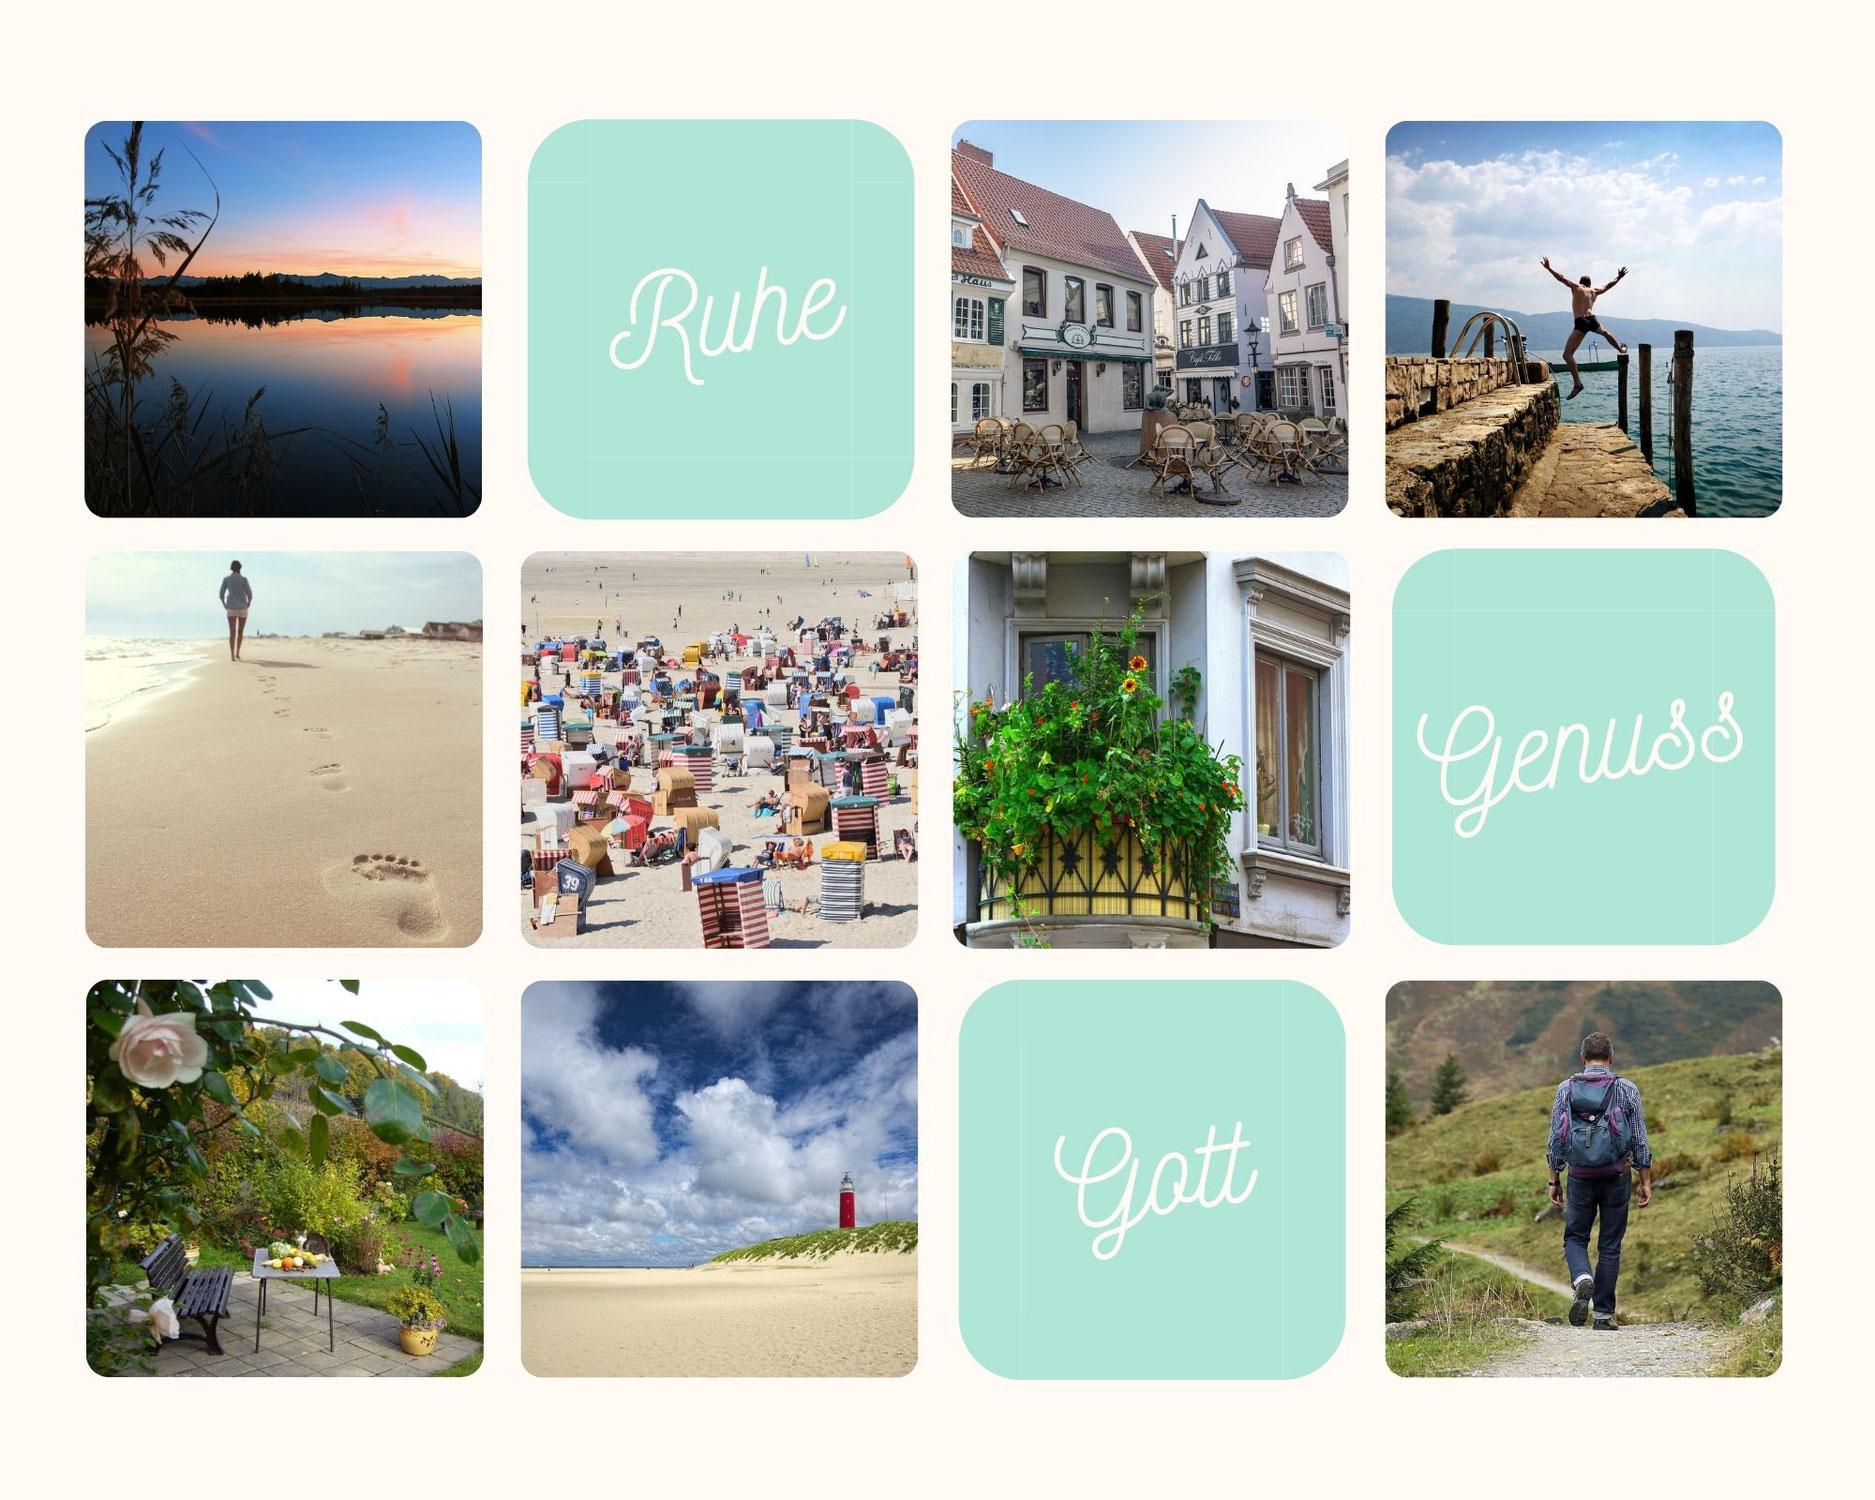 Sommerferien - Urlaub - Zeit